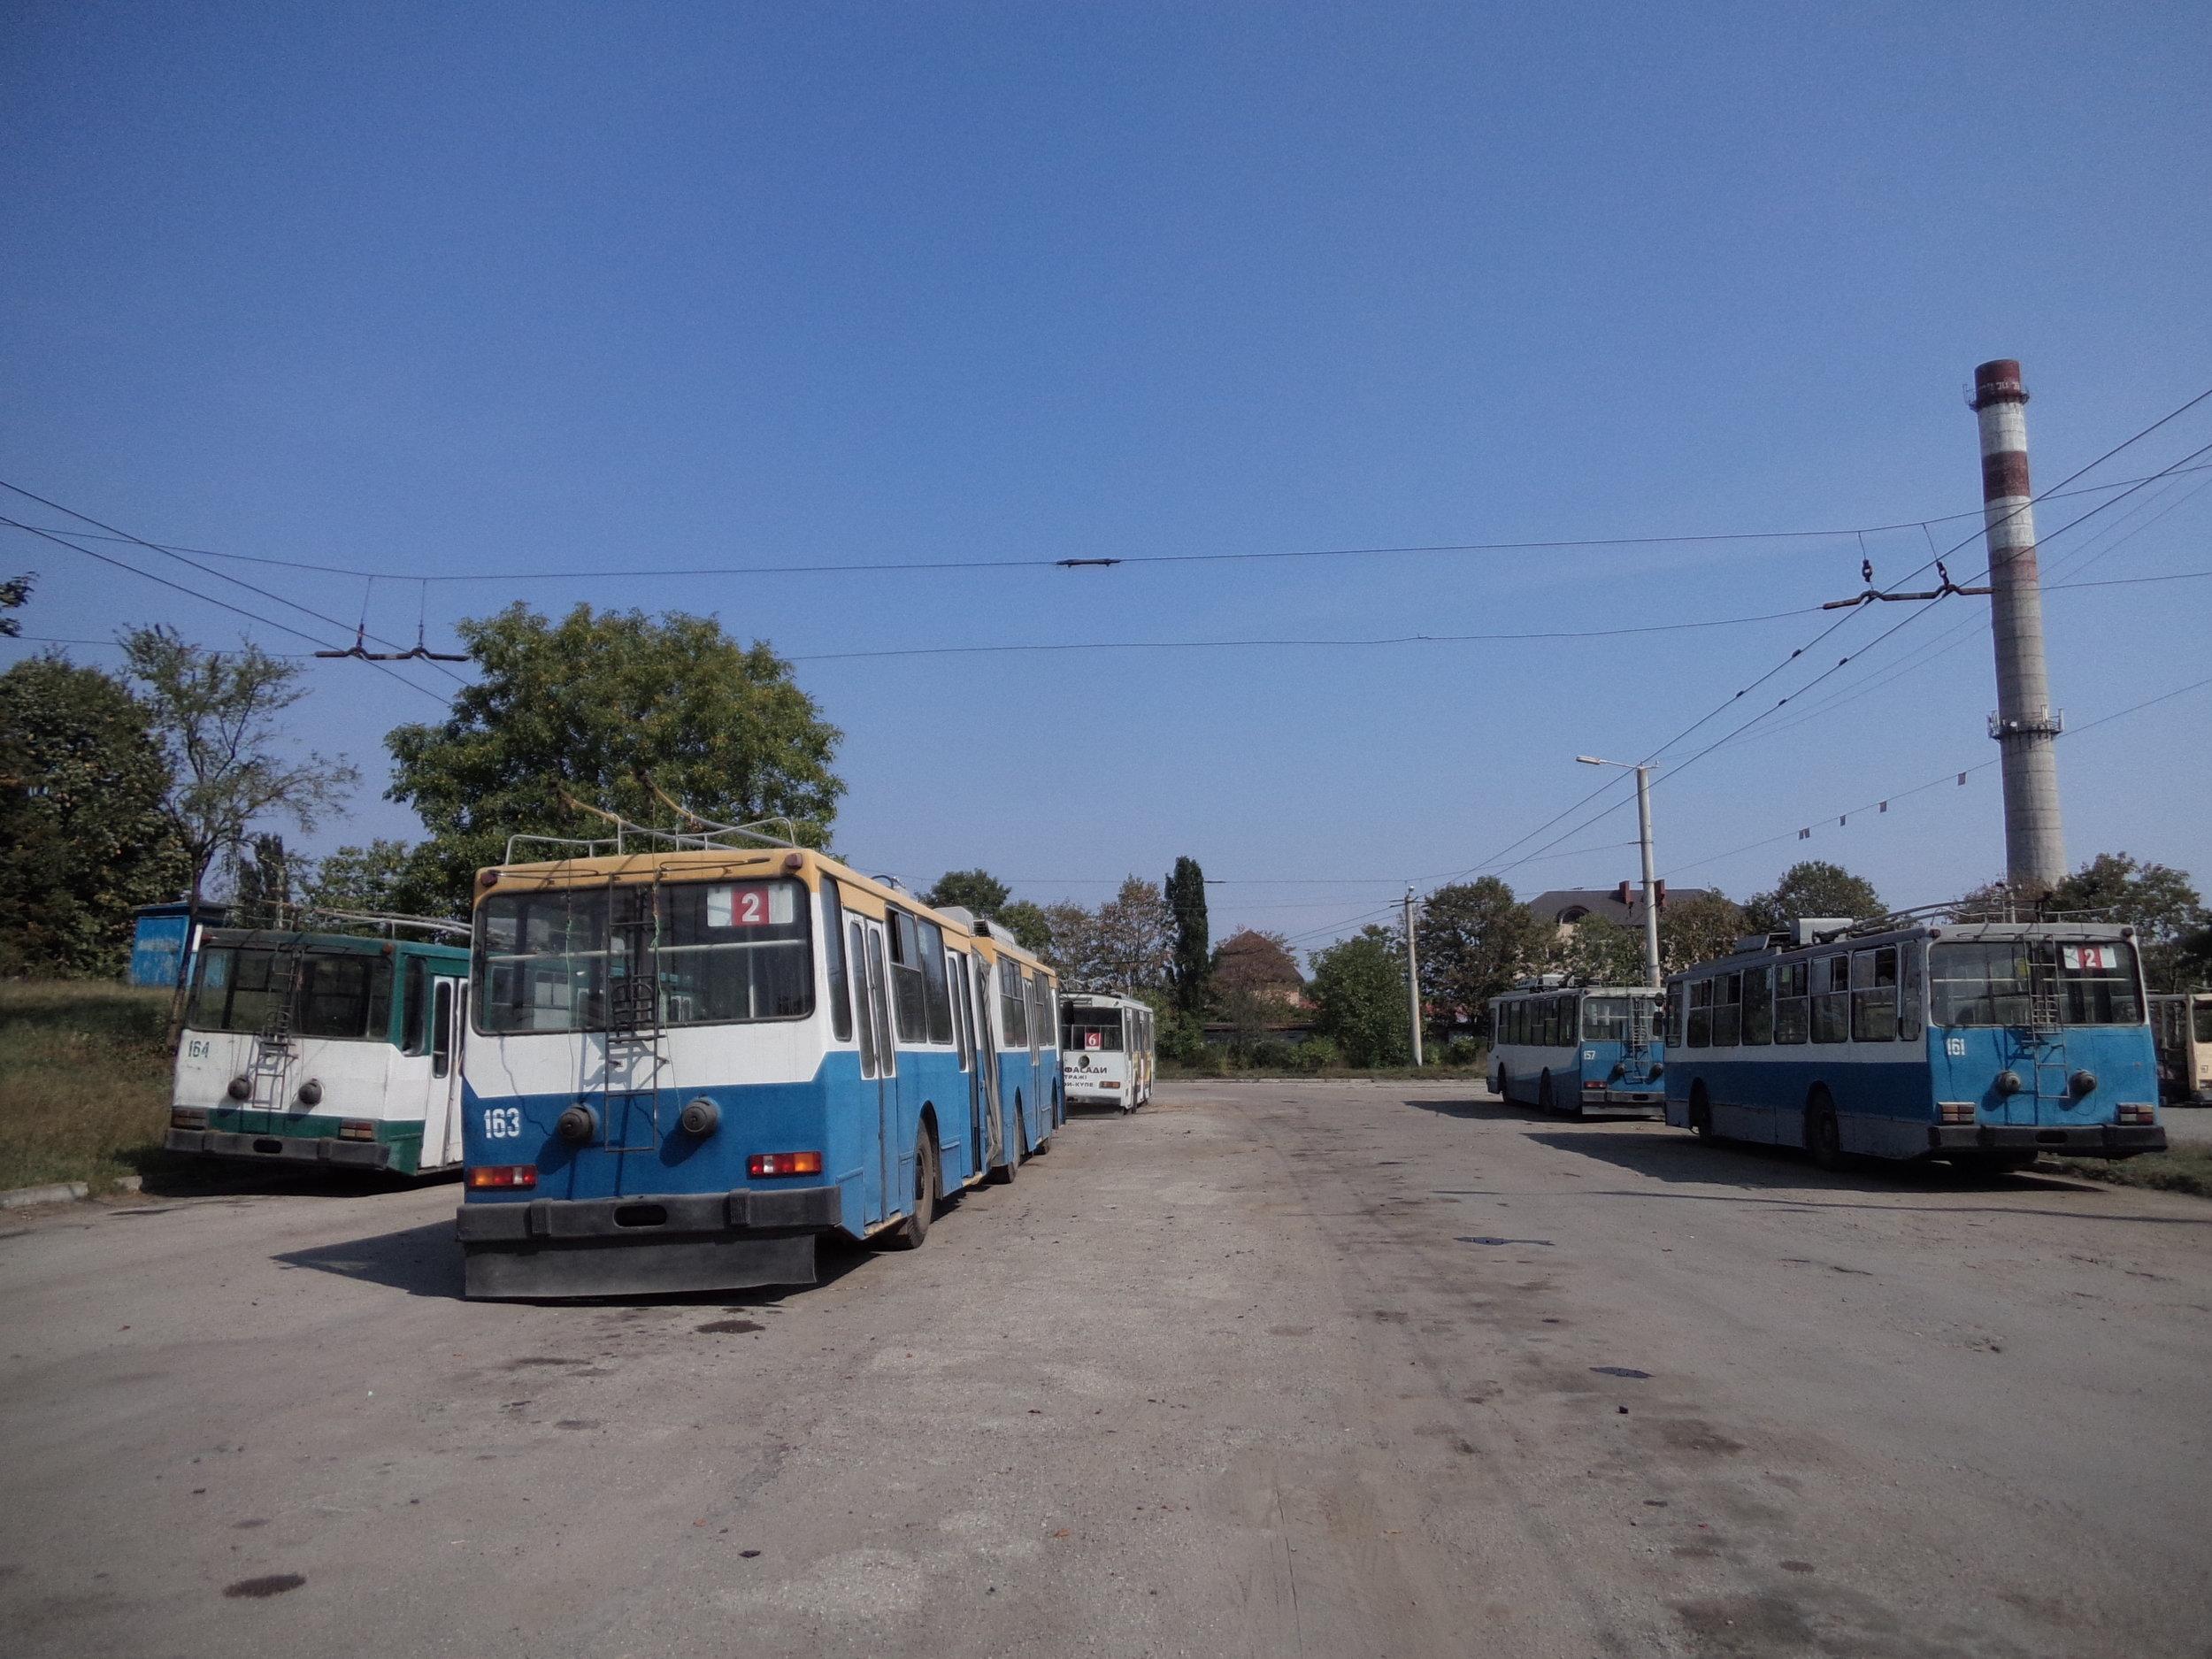 V polovině 90. let přišly do Ivano-Frankivsku čtyři článkové vozy JUMZ T1, které obdržely ev. č. 161–164. Vozům ev. č. 161 a 164 byla později odňata zadní část a po příslušných úpravách se z nich staly sólo trolejbusy vedené pod stejnými ev. č., avšak už jako přeznačený typ JUMZ T1P. Oba tyto zkrácené vozy jsou přitom na snímku přítomny. Z dvou zbývajících článkových vozů jezdí už jen jeden, a to ten nesoucí ev. č. 163. Na pravé straně vzadu si ještě povšimněme vozu s ev. č. 157. Jedná se o jeden ze sedmi krátkých vozů (ev. č. 157, 165–170) typu JUMZ T2, které do Ivano-Frankivsku zavítaly ve stejném období jako vozy článkové. Dnes už jsou vypravovány jen tři z nich.